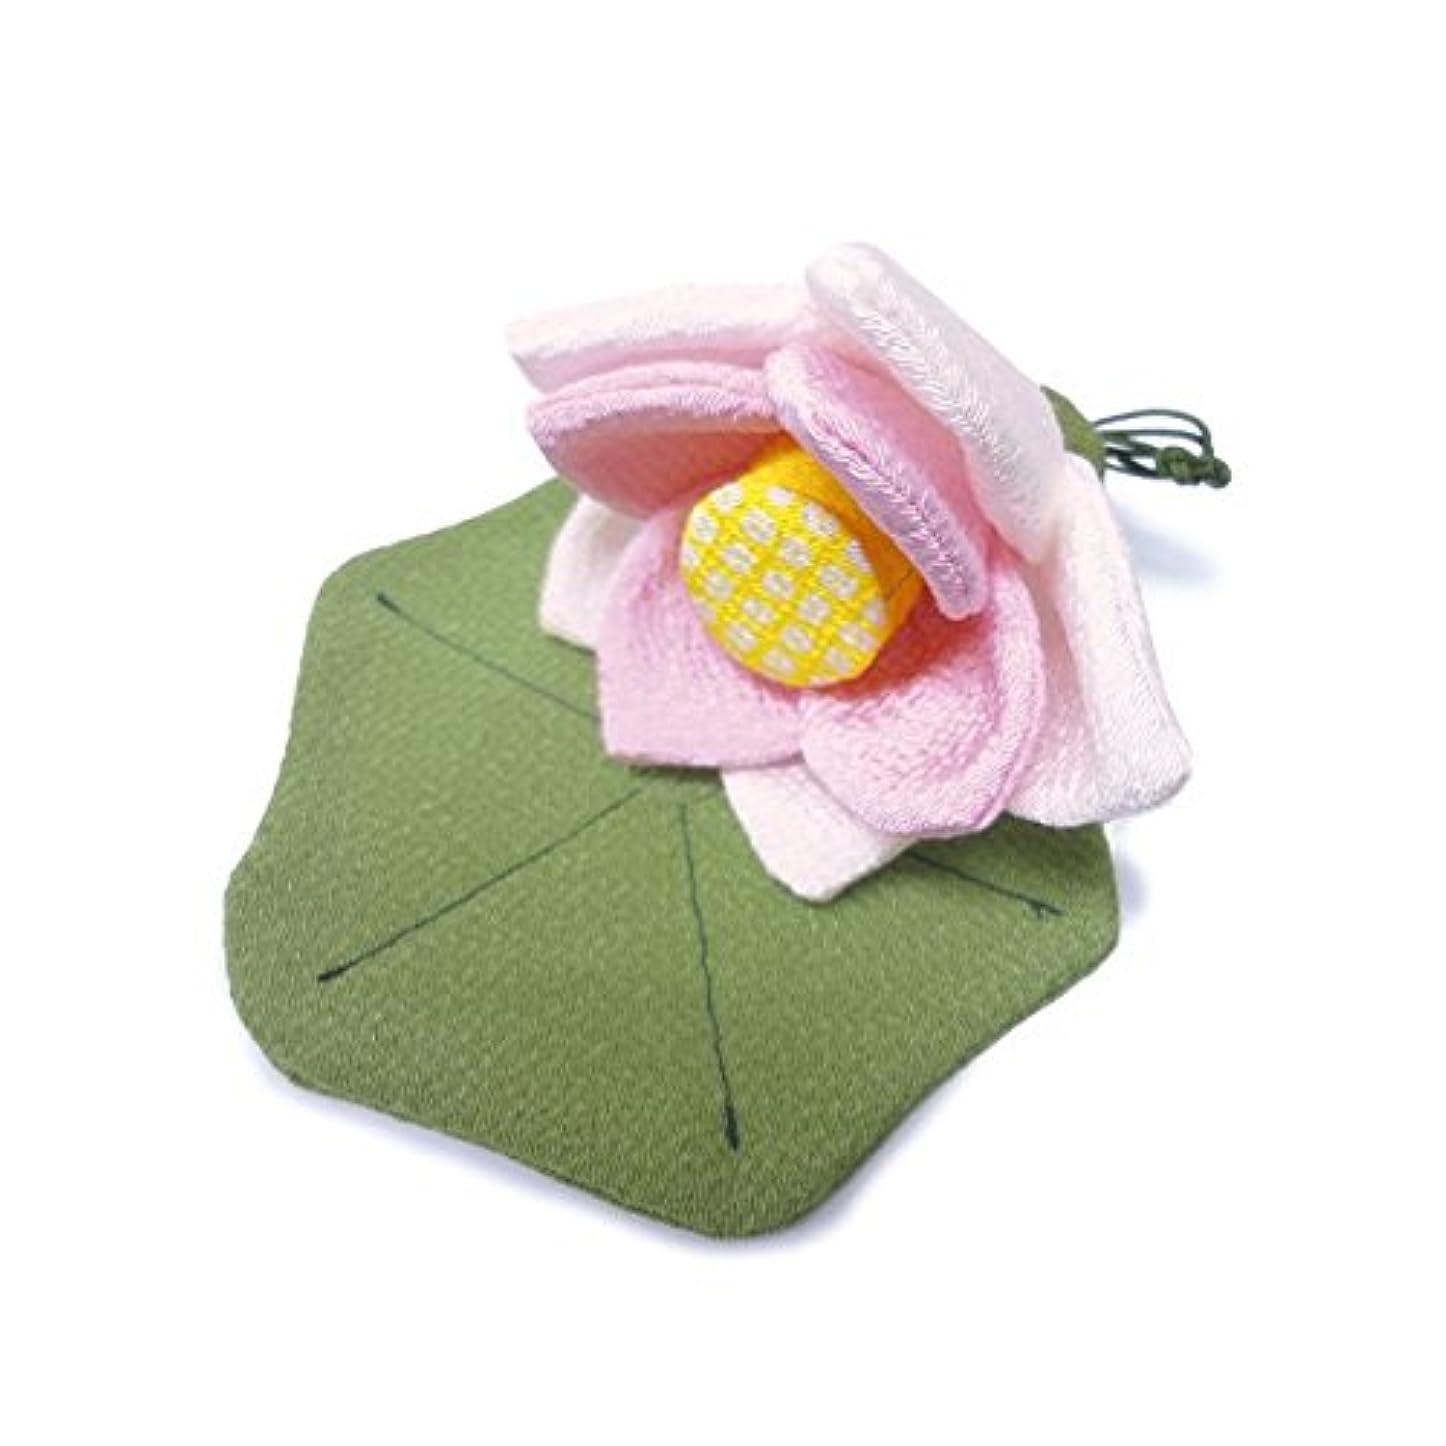 レギュラー支援する安全性匂袋 蓮